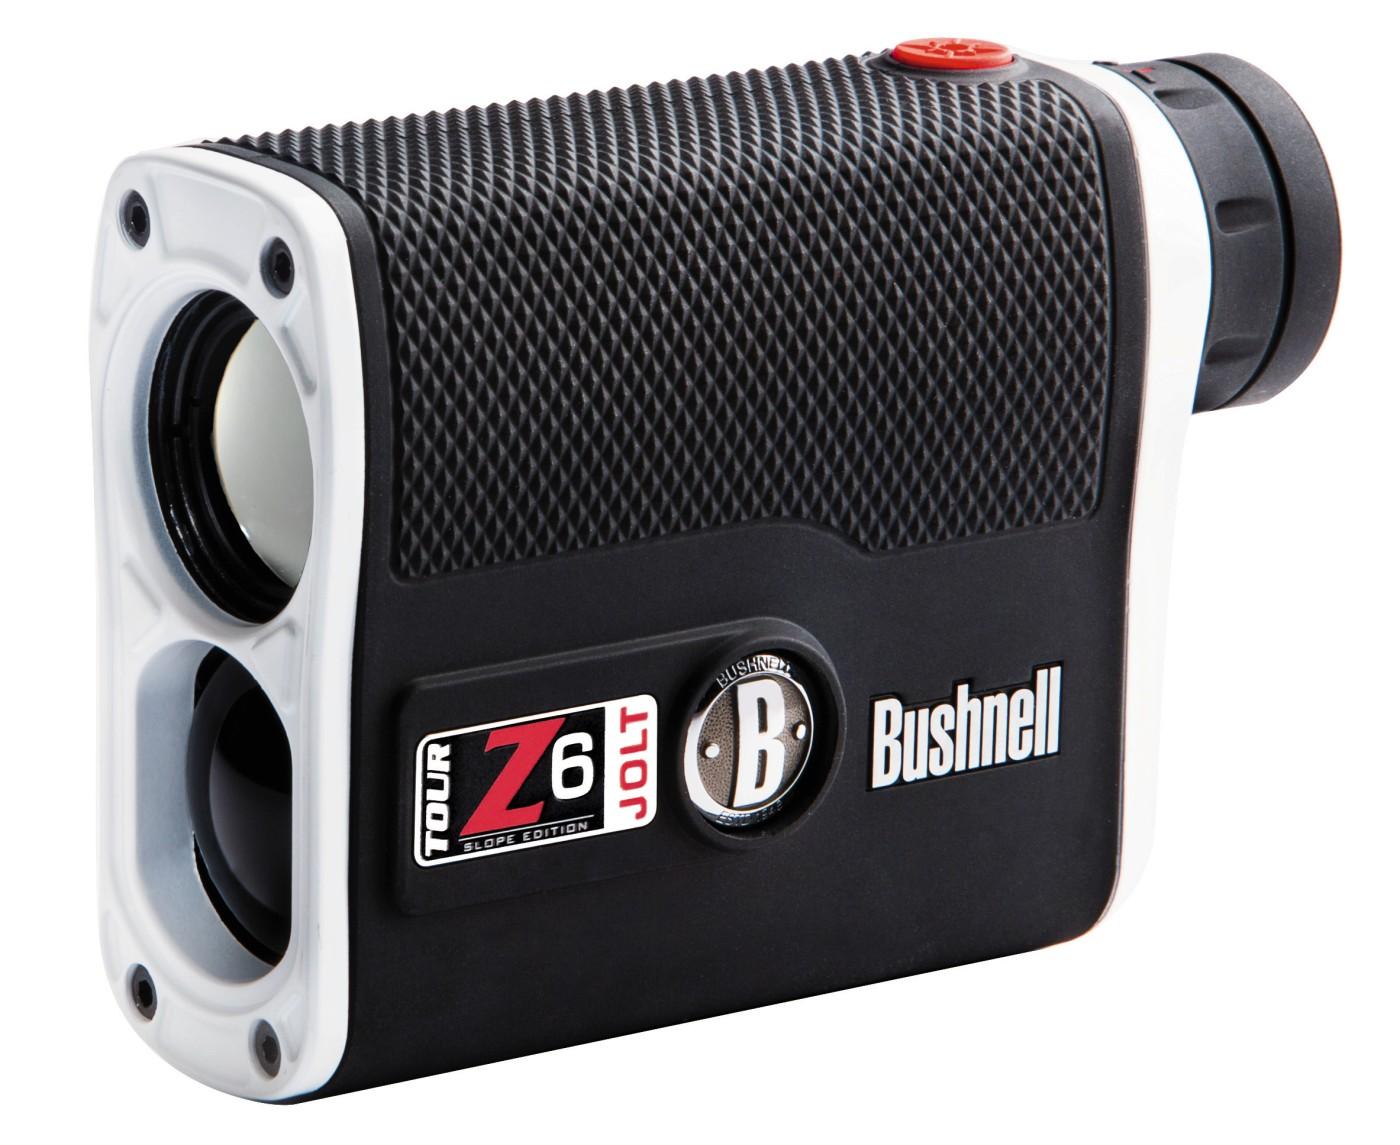 【送料無料】ピンシーカースロープツアーZ6ジョルト ブッシュネル『日本正規品』 ゴルフ用携帯レーザー距離計 ピンシーカー スロープツアー Z6 ジョルト 距離測定器 Bushnell z6 jolt